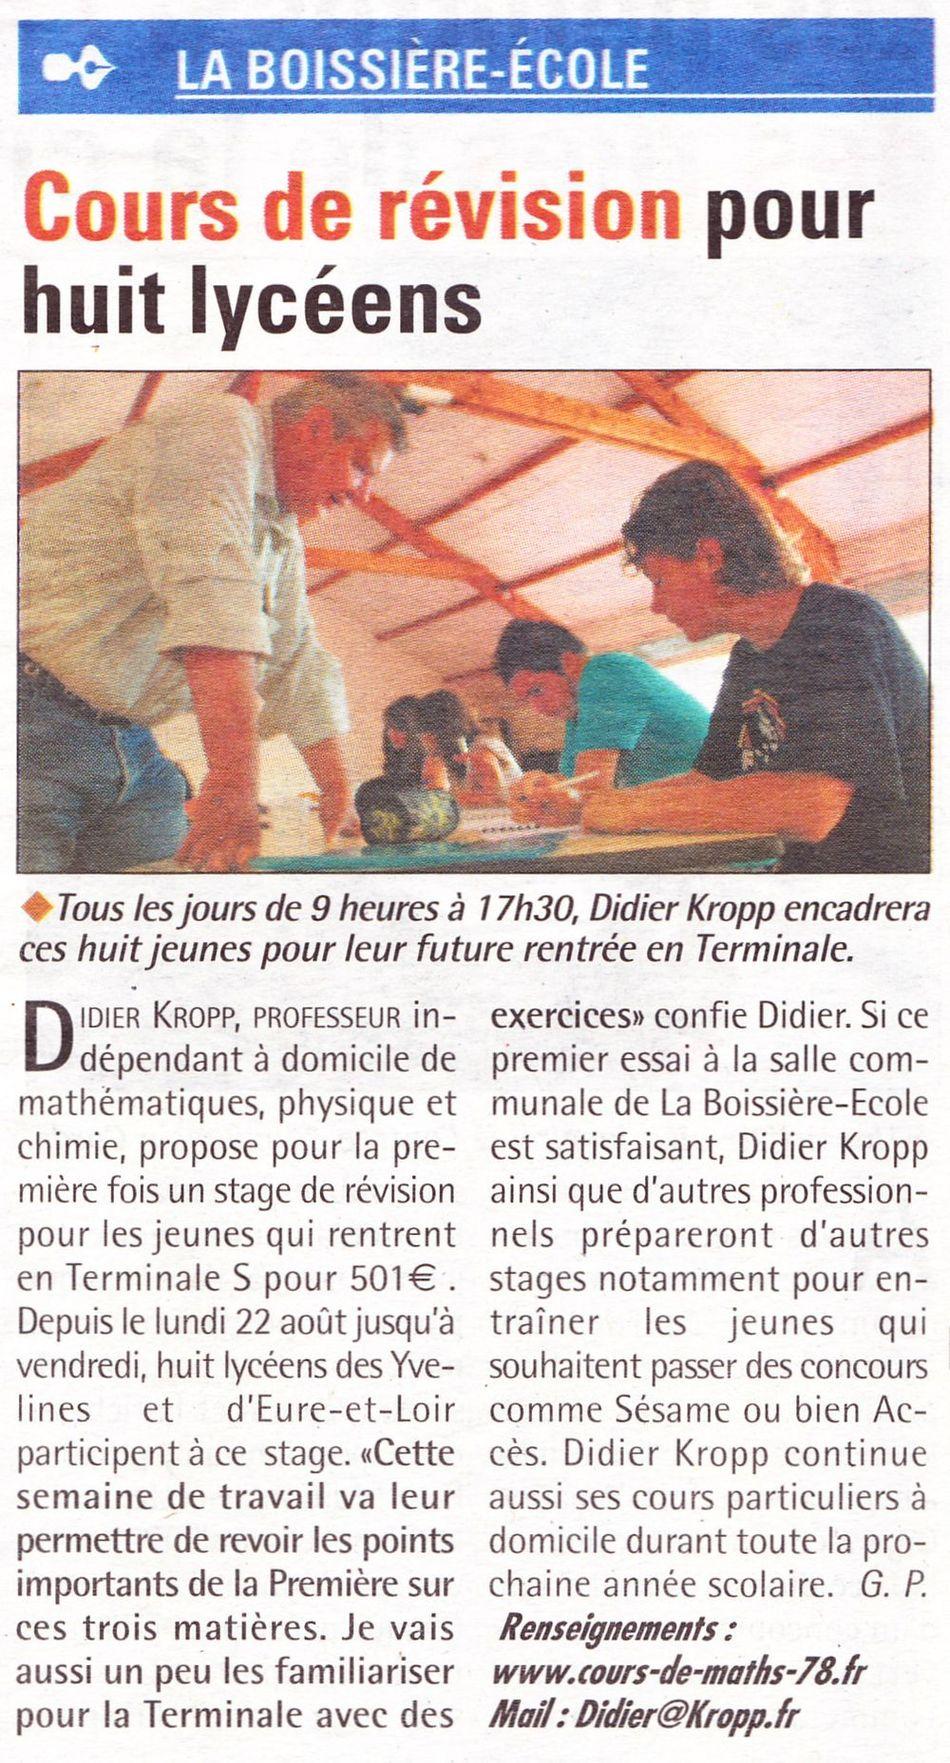 Article paru dans Toutes les nouvelles le 24 août 2011